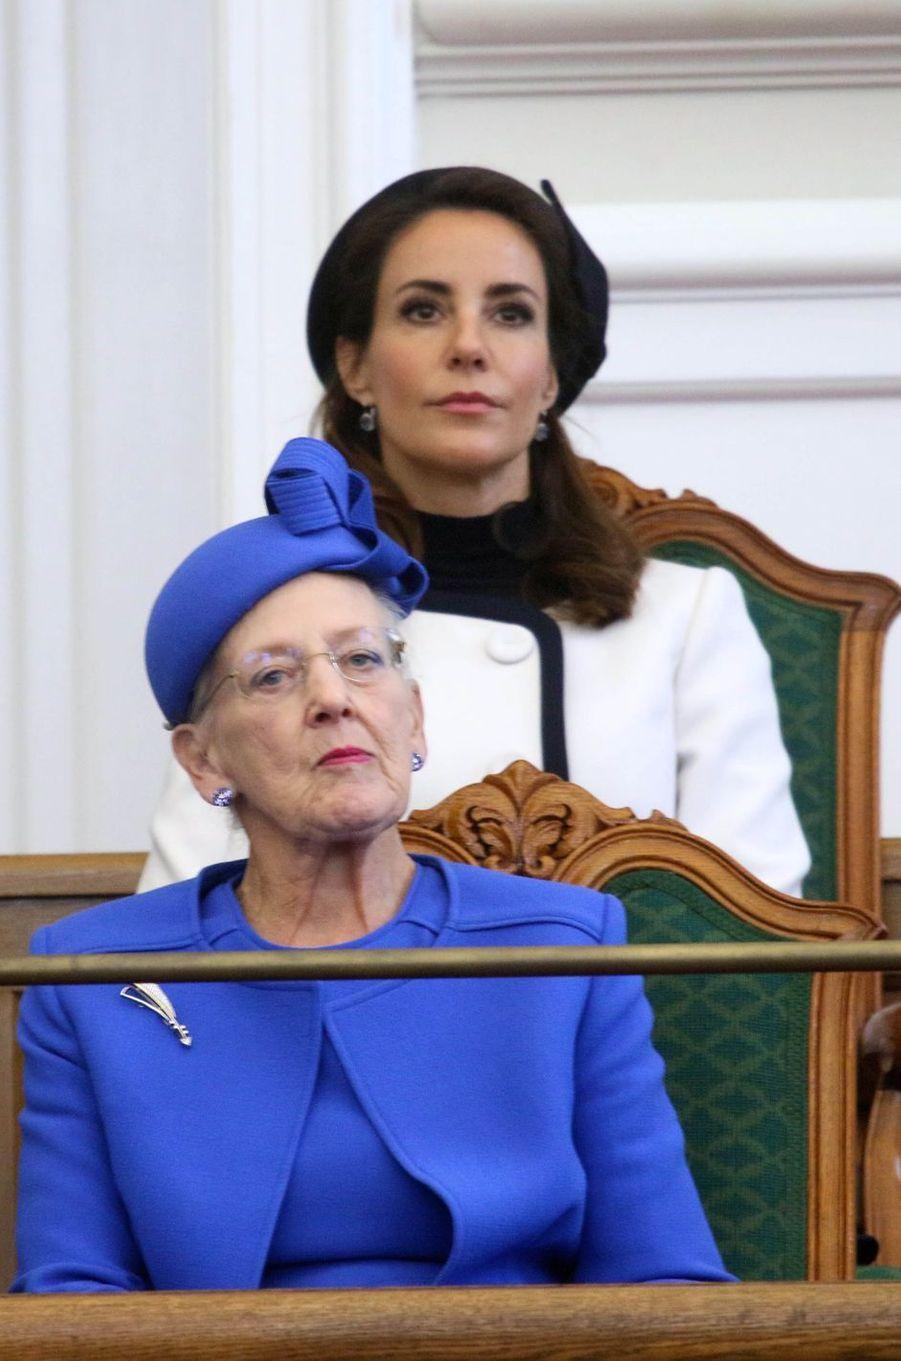 La reine Margrethe II de Danemark et la princesse Marie à Copenhague, le 2 octobre 2018